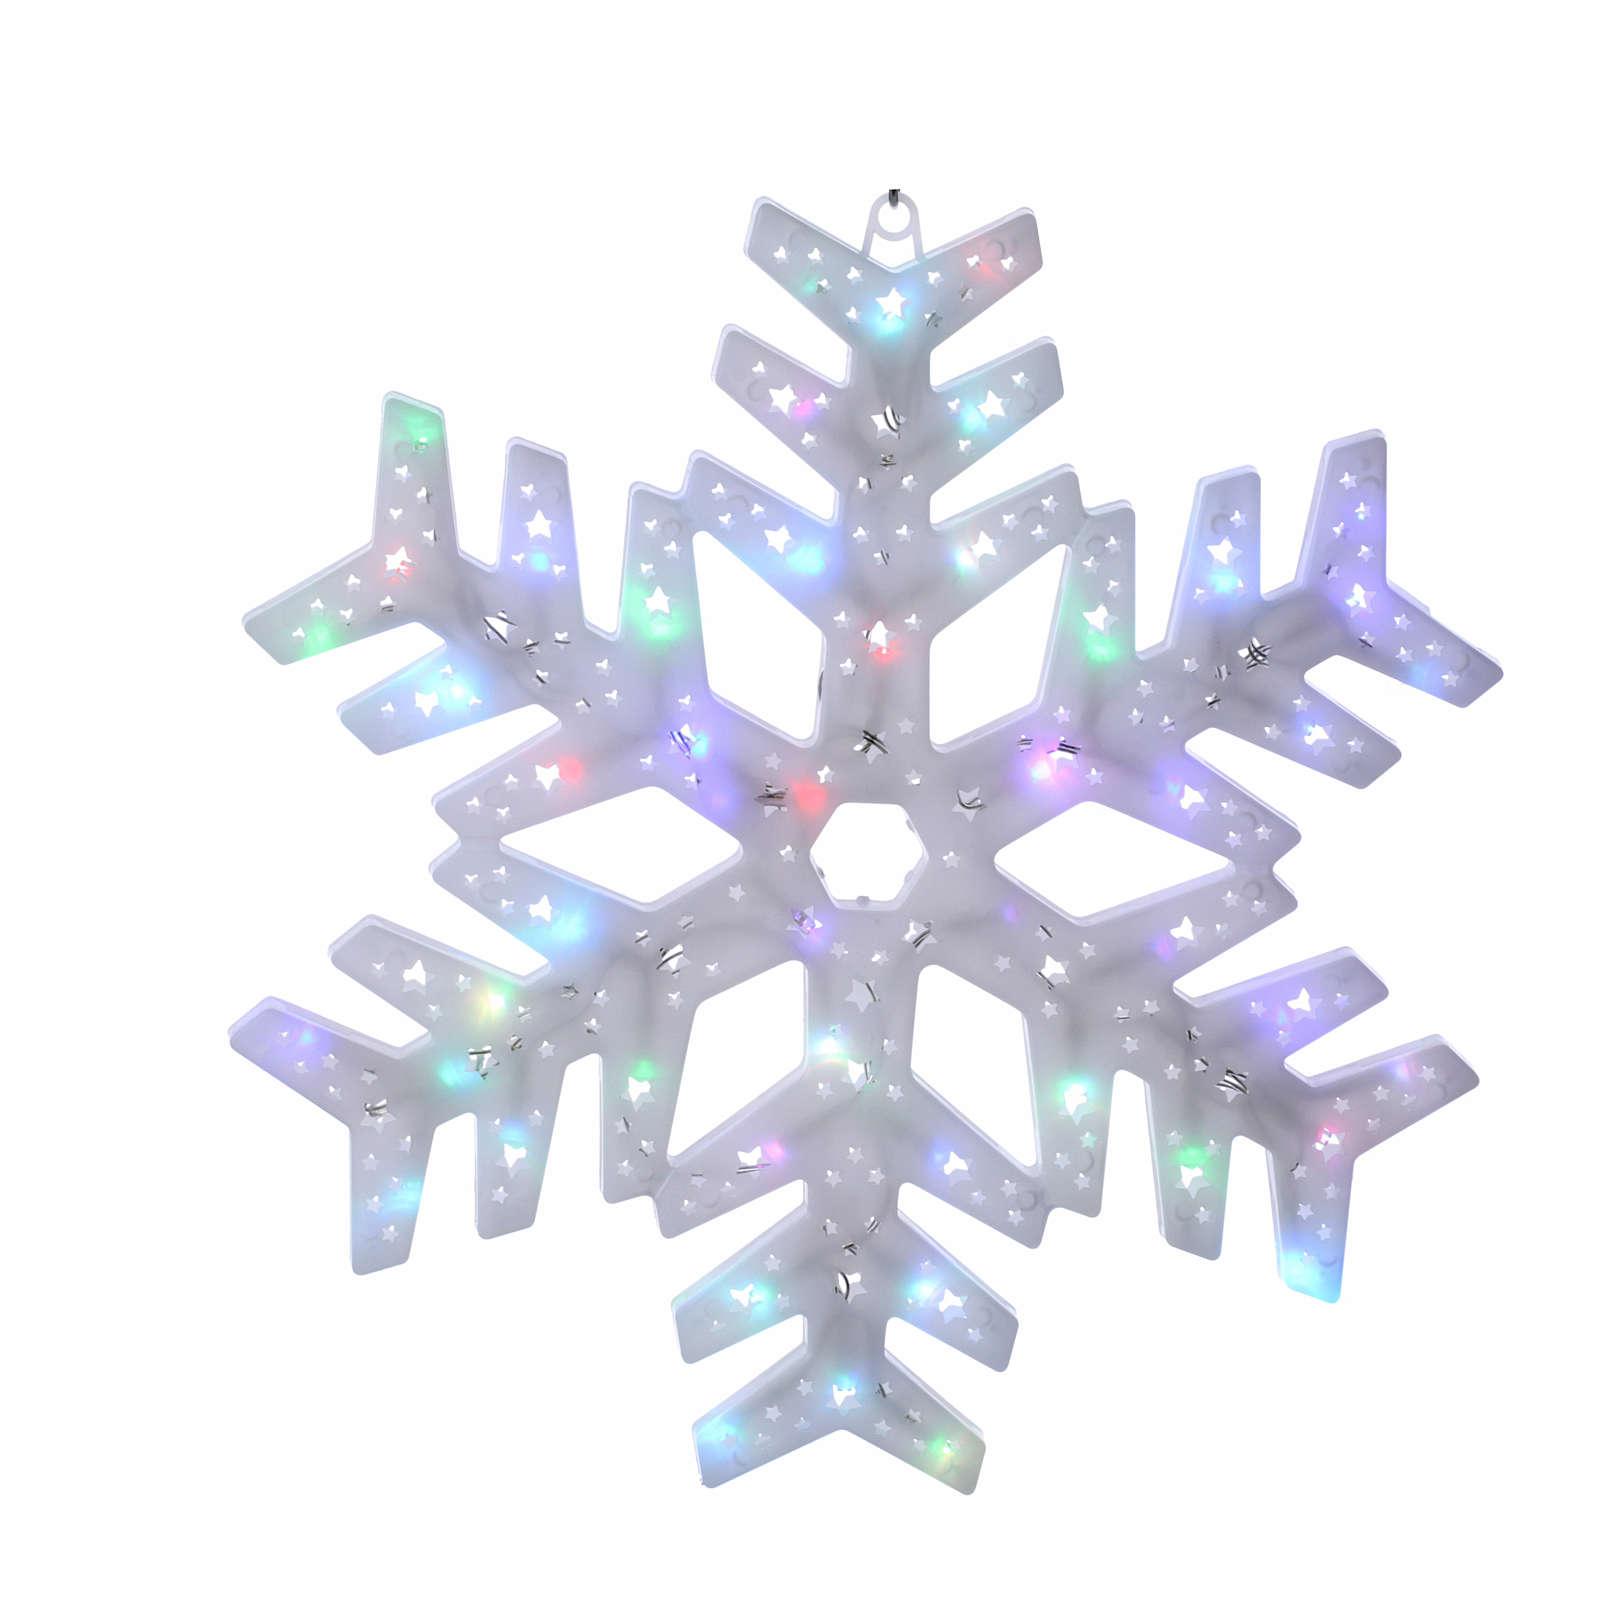 Éclairage flocon neige 50 led colorés intérieur extérieur 3